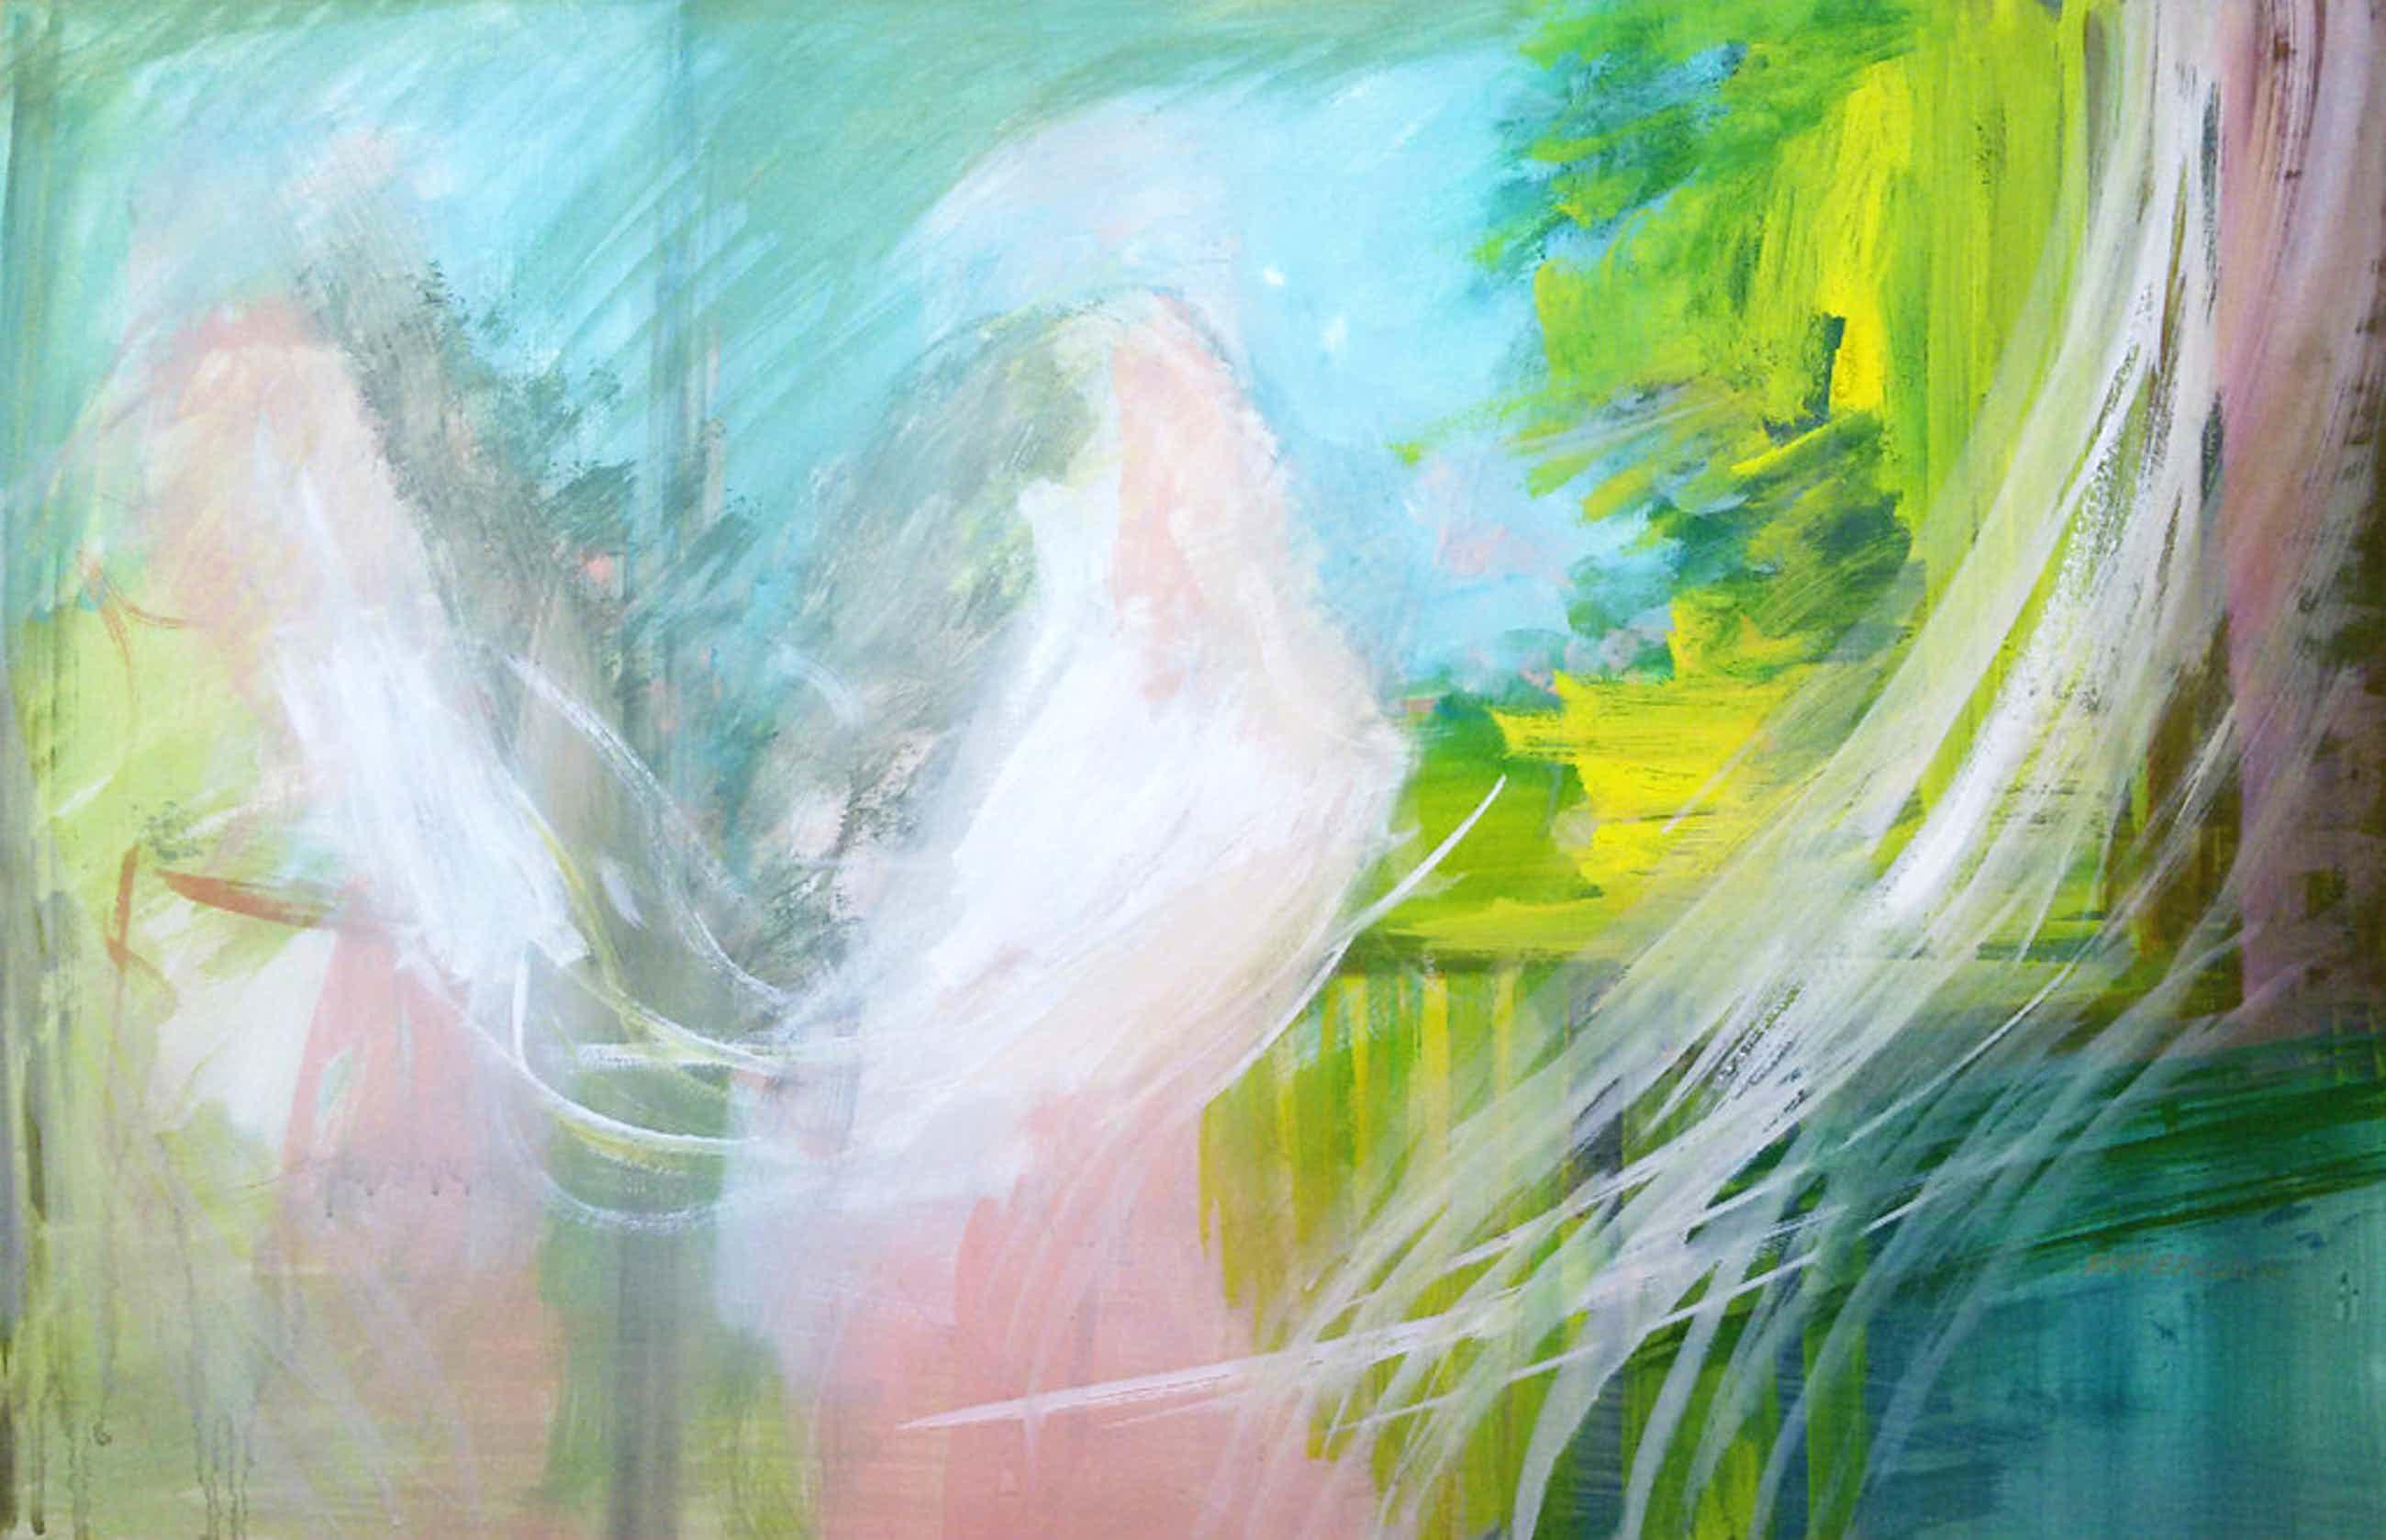 Laatste keer: Bert Bruijn - Figuratief abstract, gouache (ingelijst, groot) kopen? Bied vanaf 55!